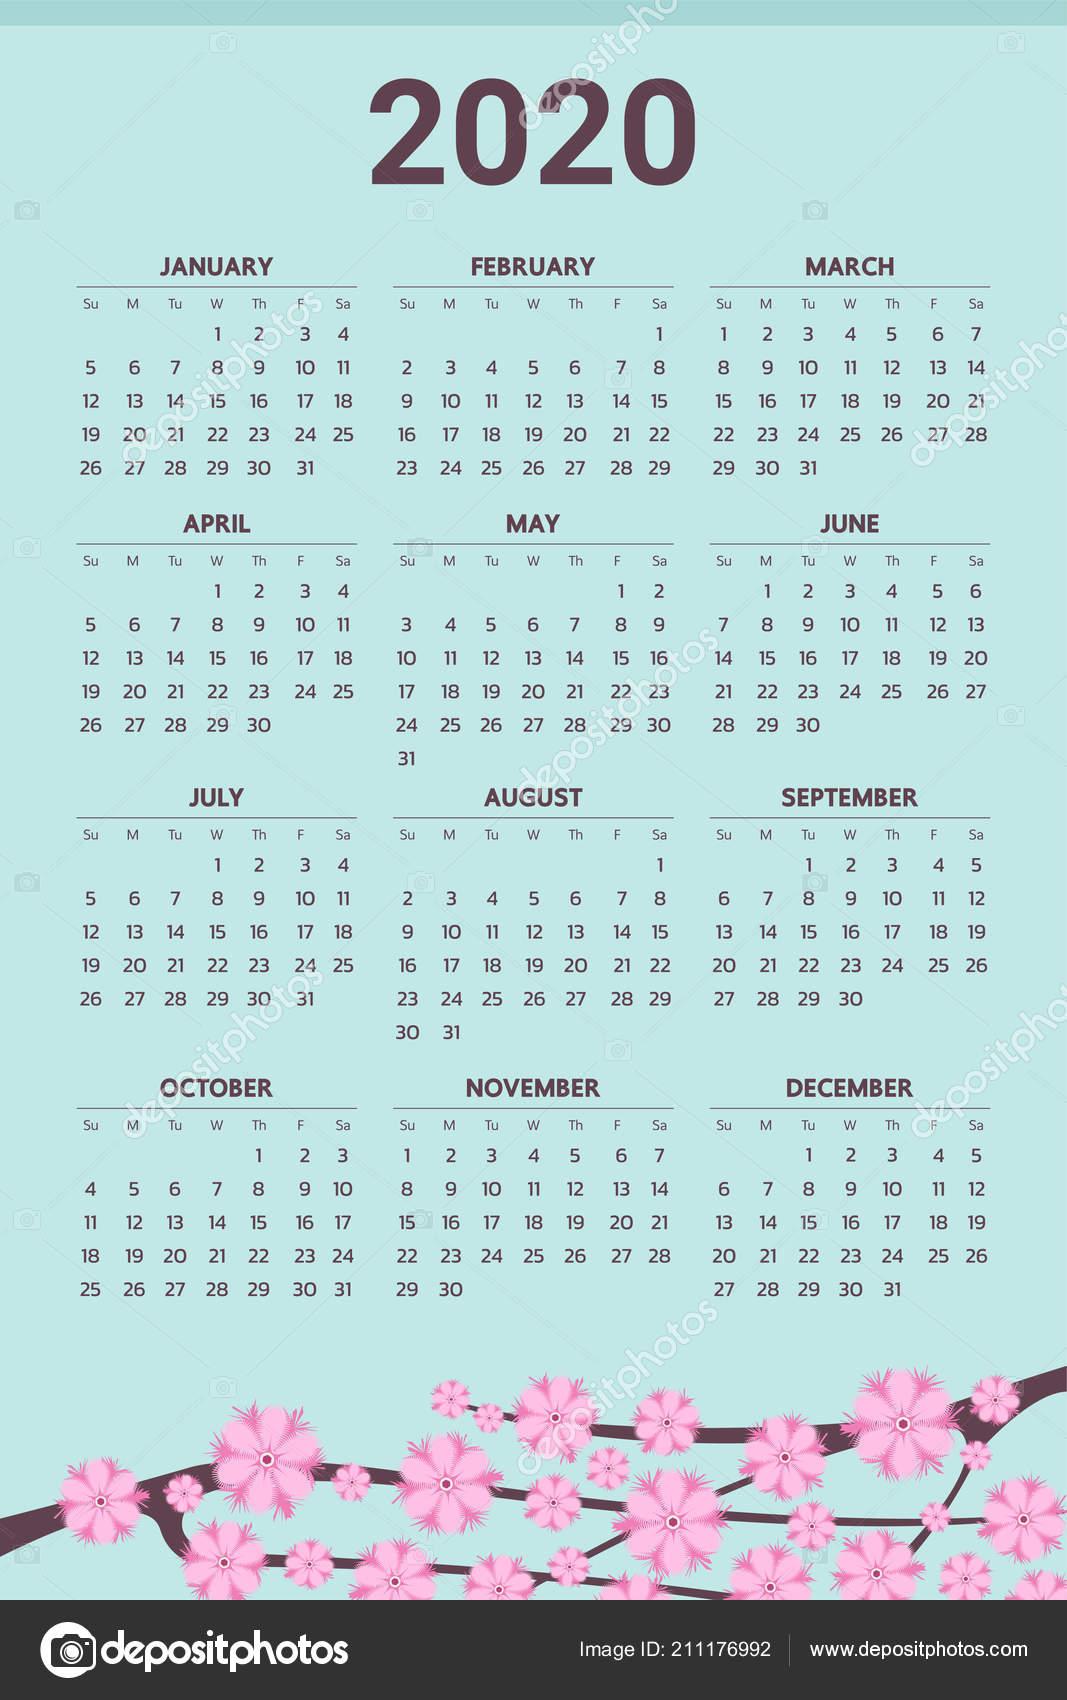 Calendario Rosa 2020.2020 Calendar Flowers Theme Vector Stock Vector C Andramin